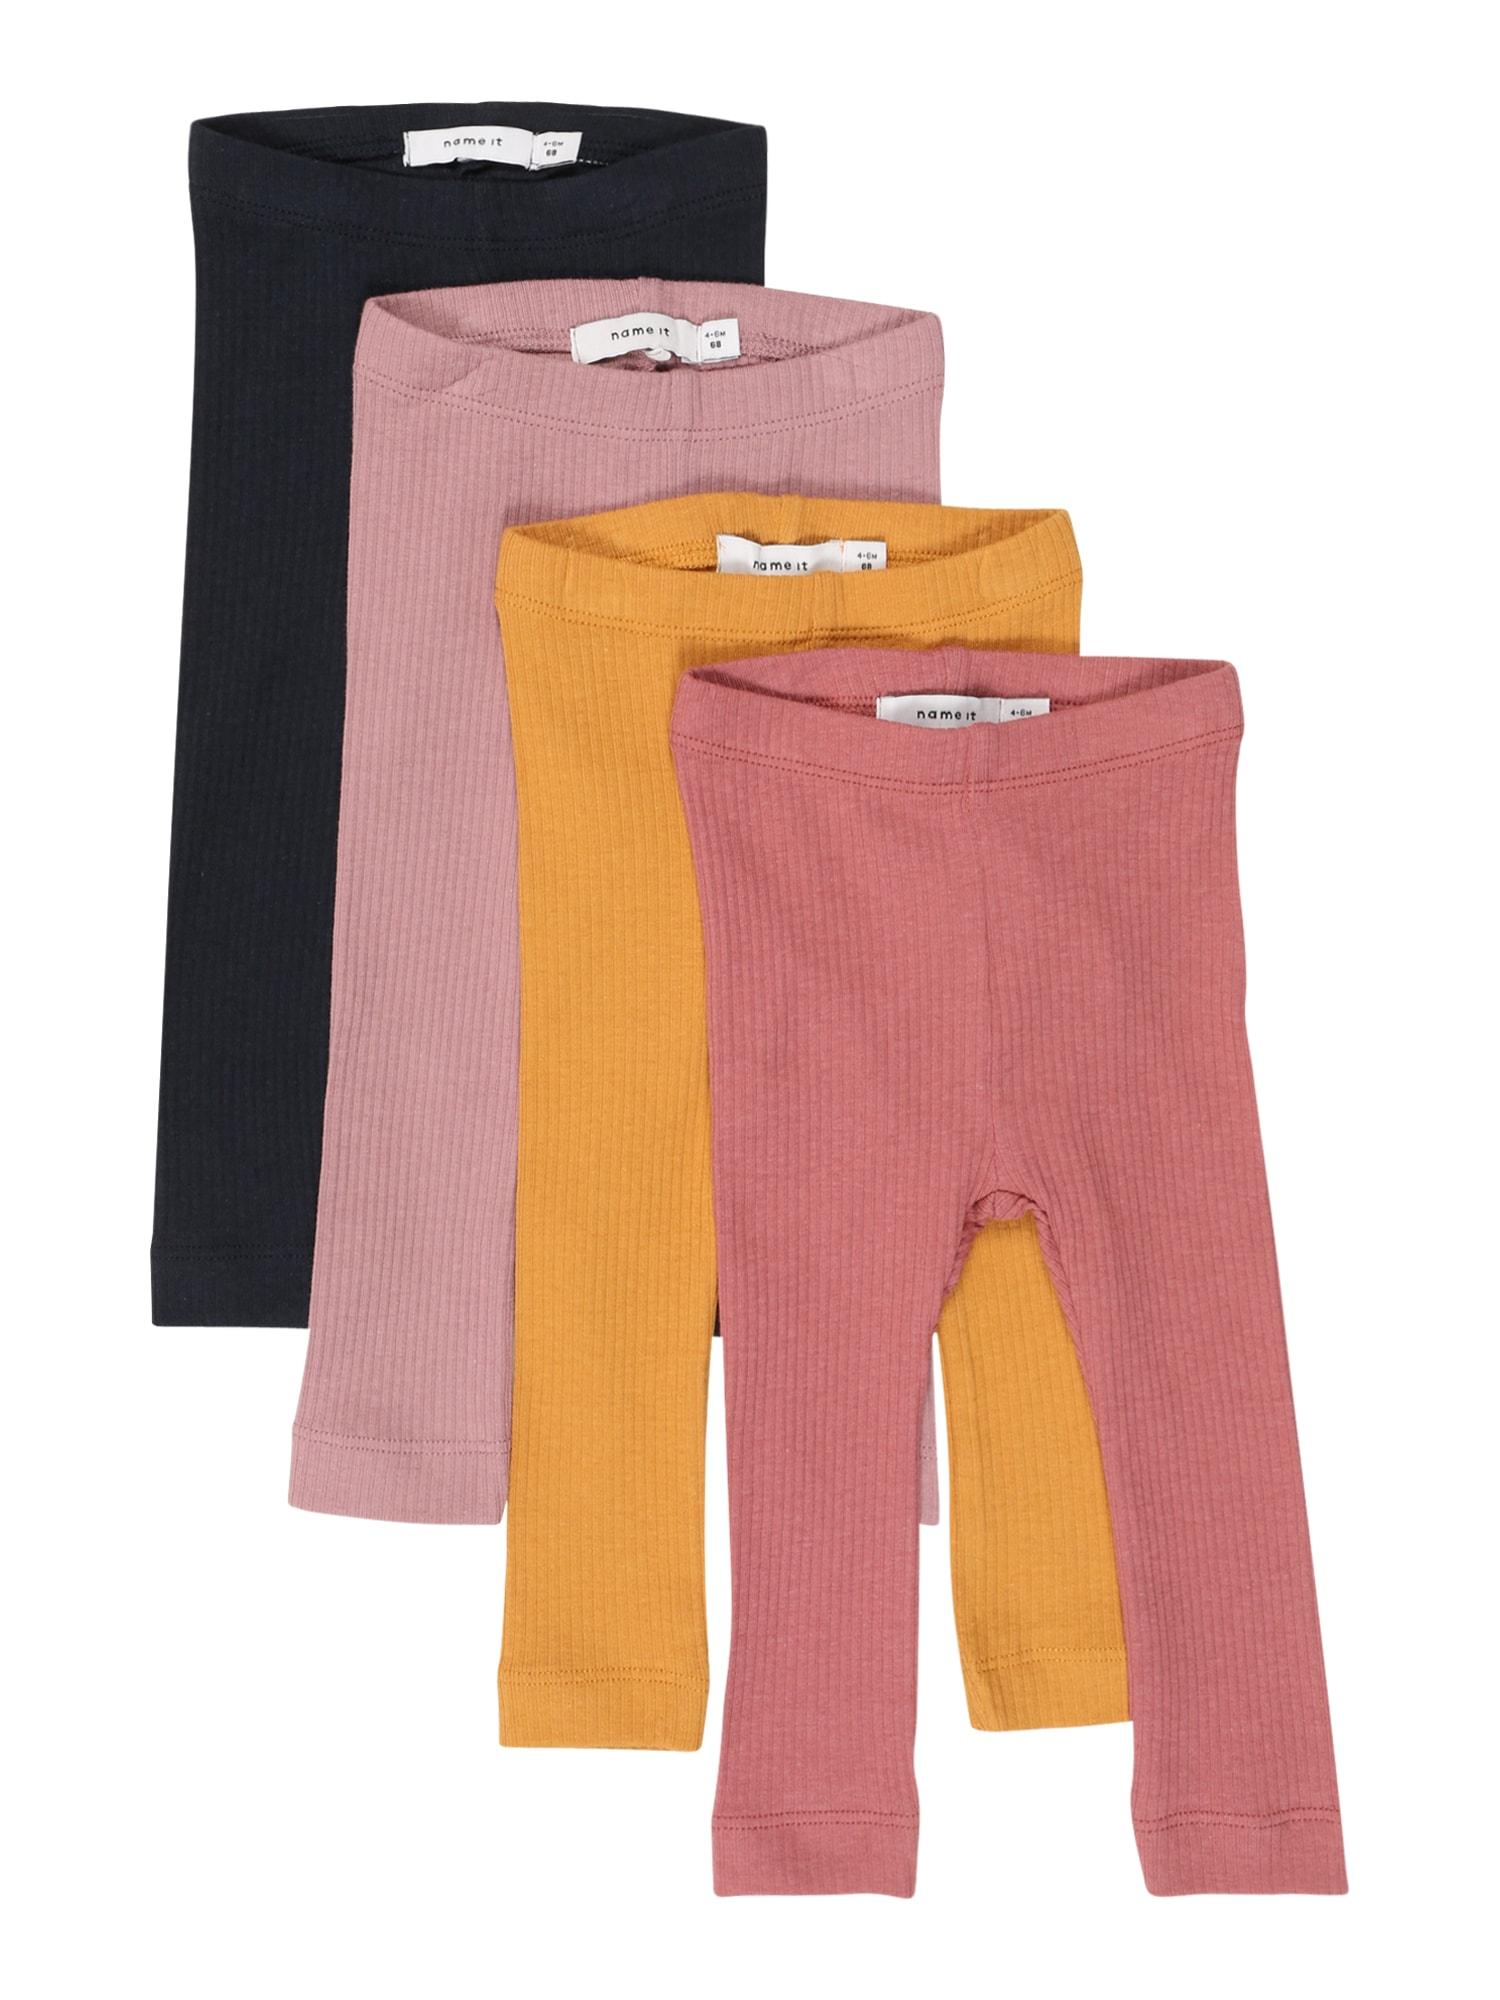 NAME IT Tamprės 'KABEX' ryškiai rožinė spalva / juoda / rožinė / medaus spalva